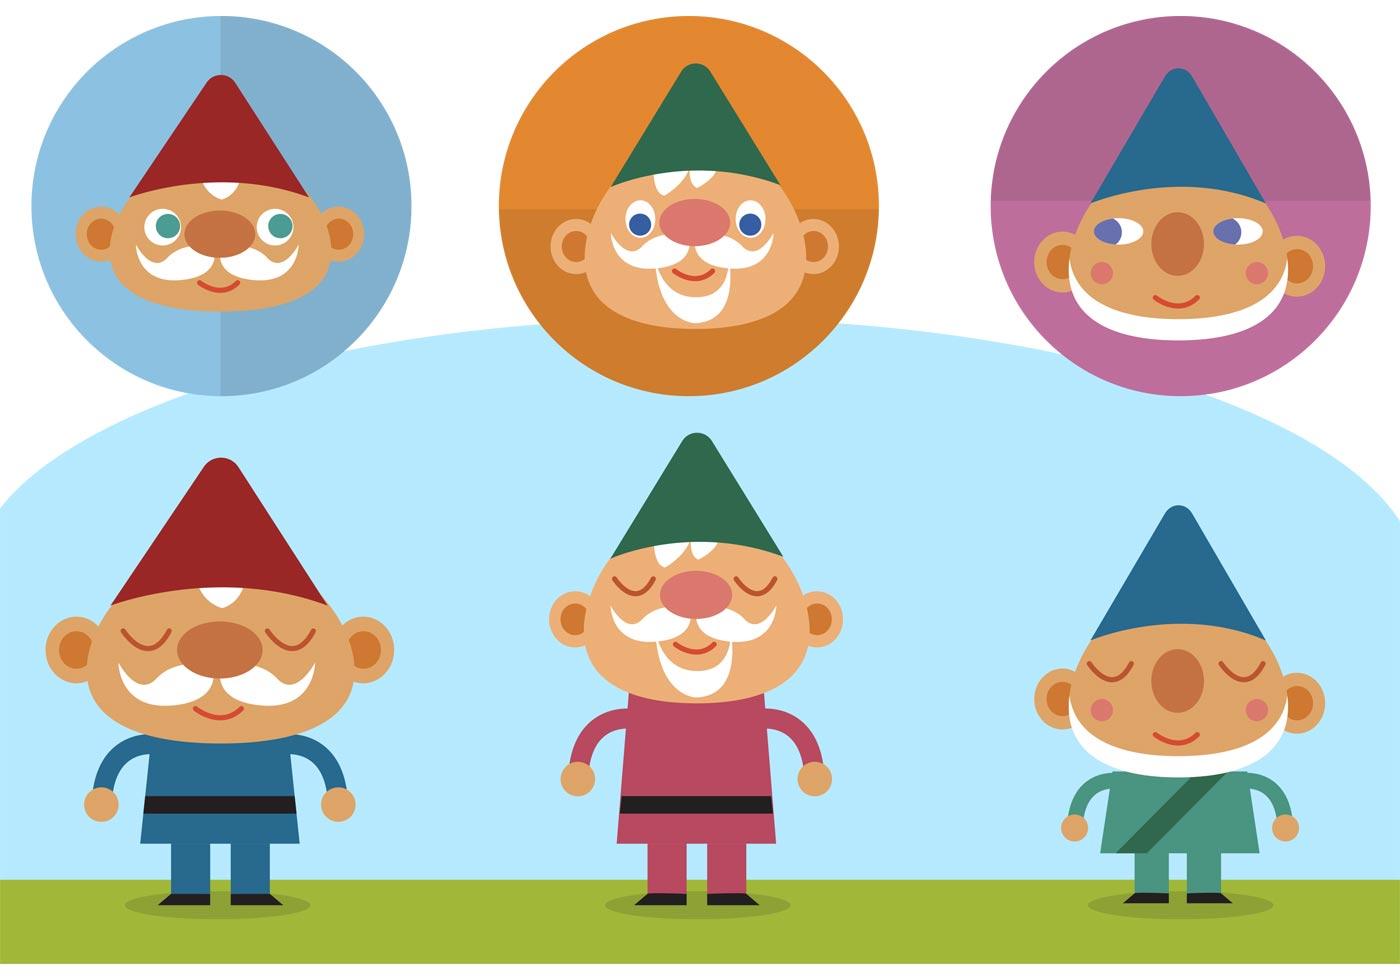 Flat Cute Gnomes Vectors Download Free Vector Art Stock